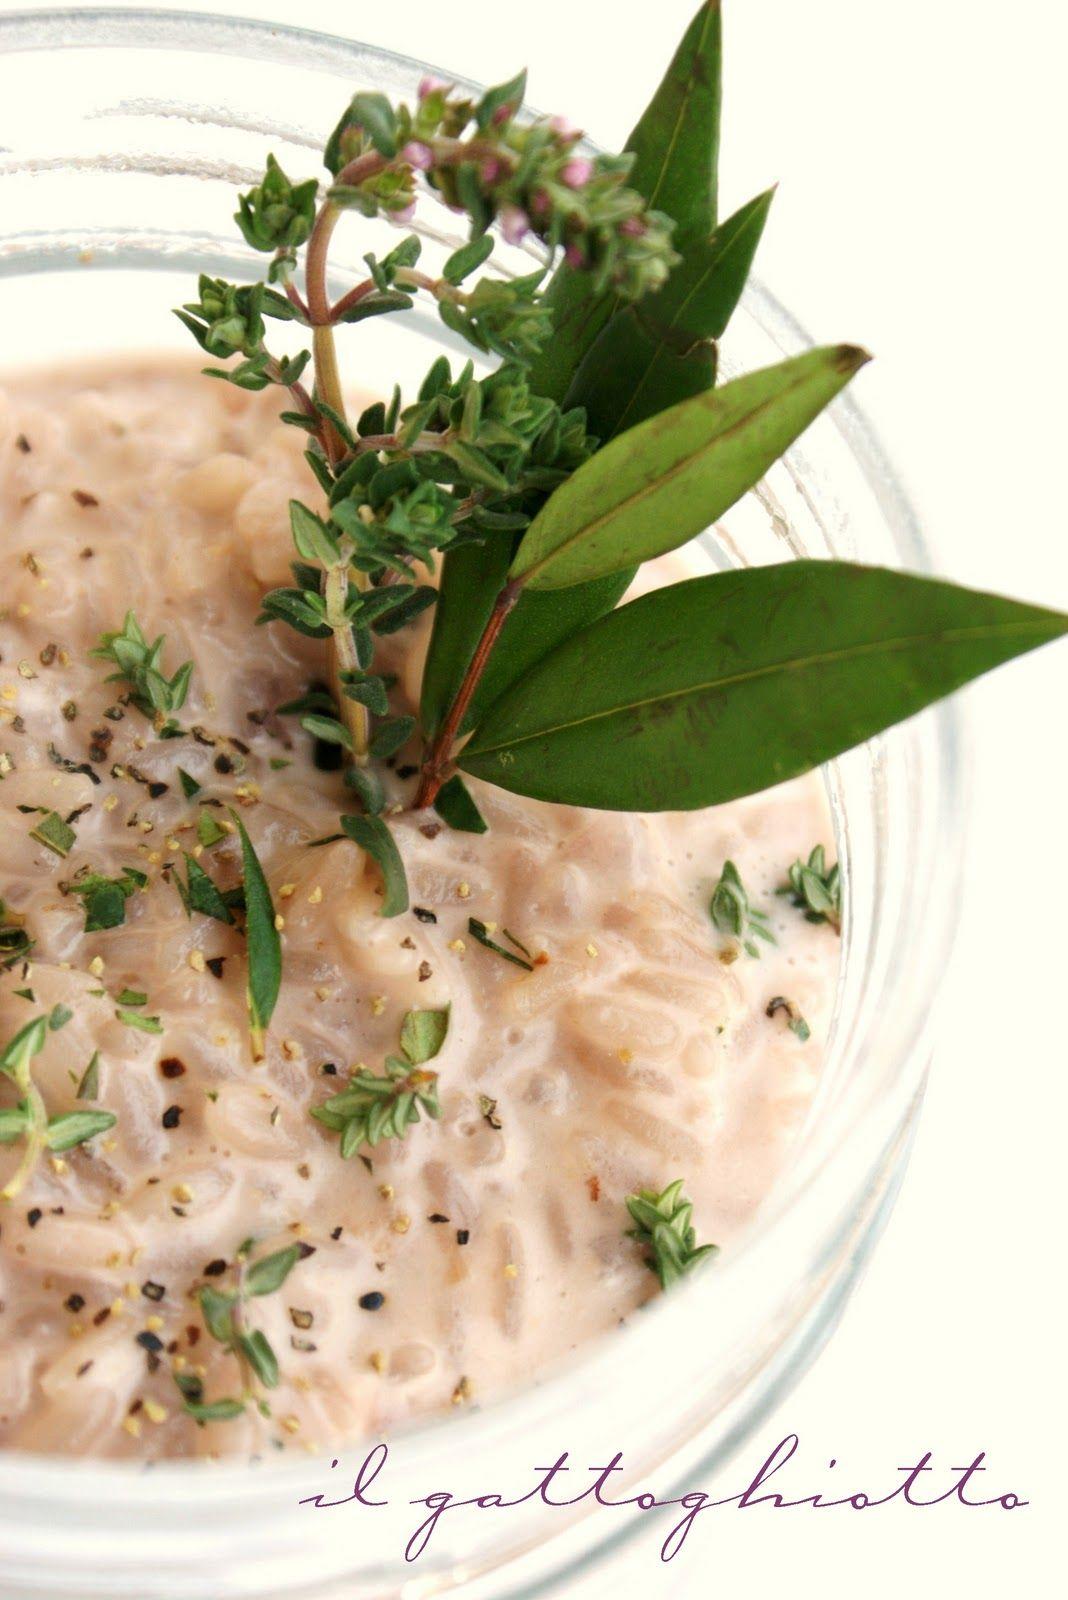 il gattoghiotto: Un risotto che profuma di buono...